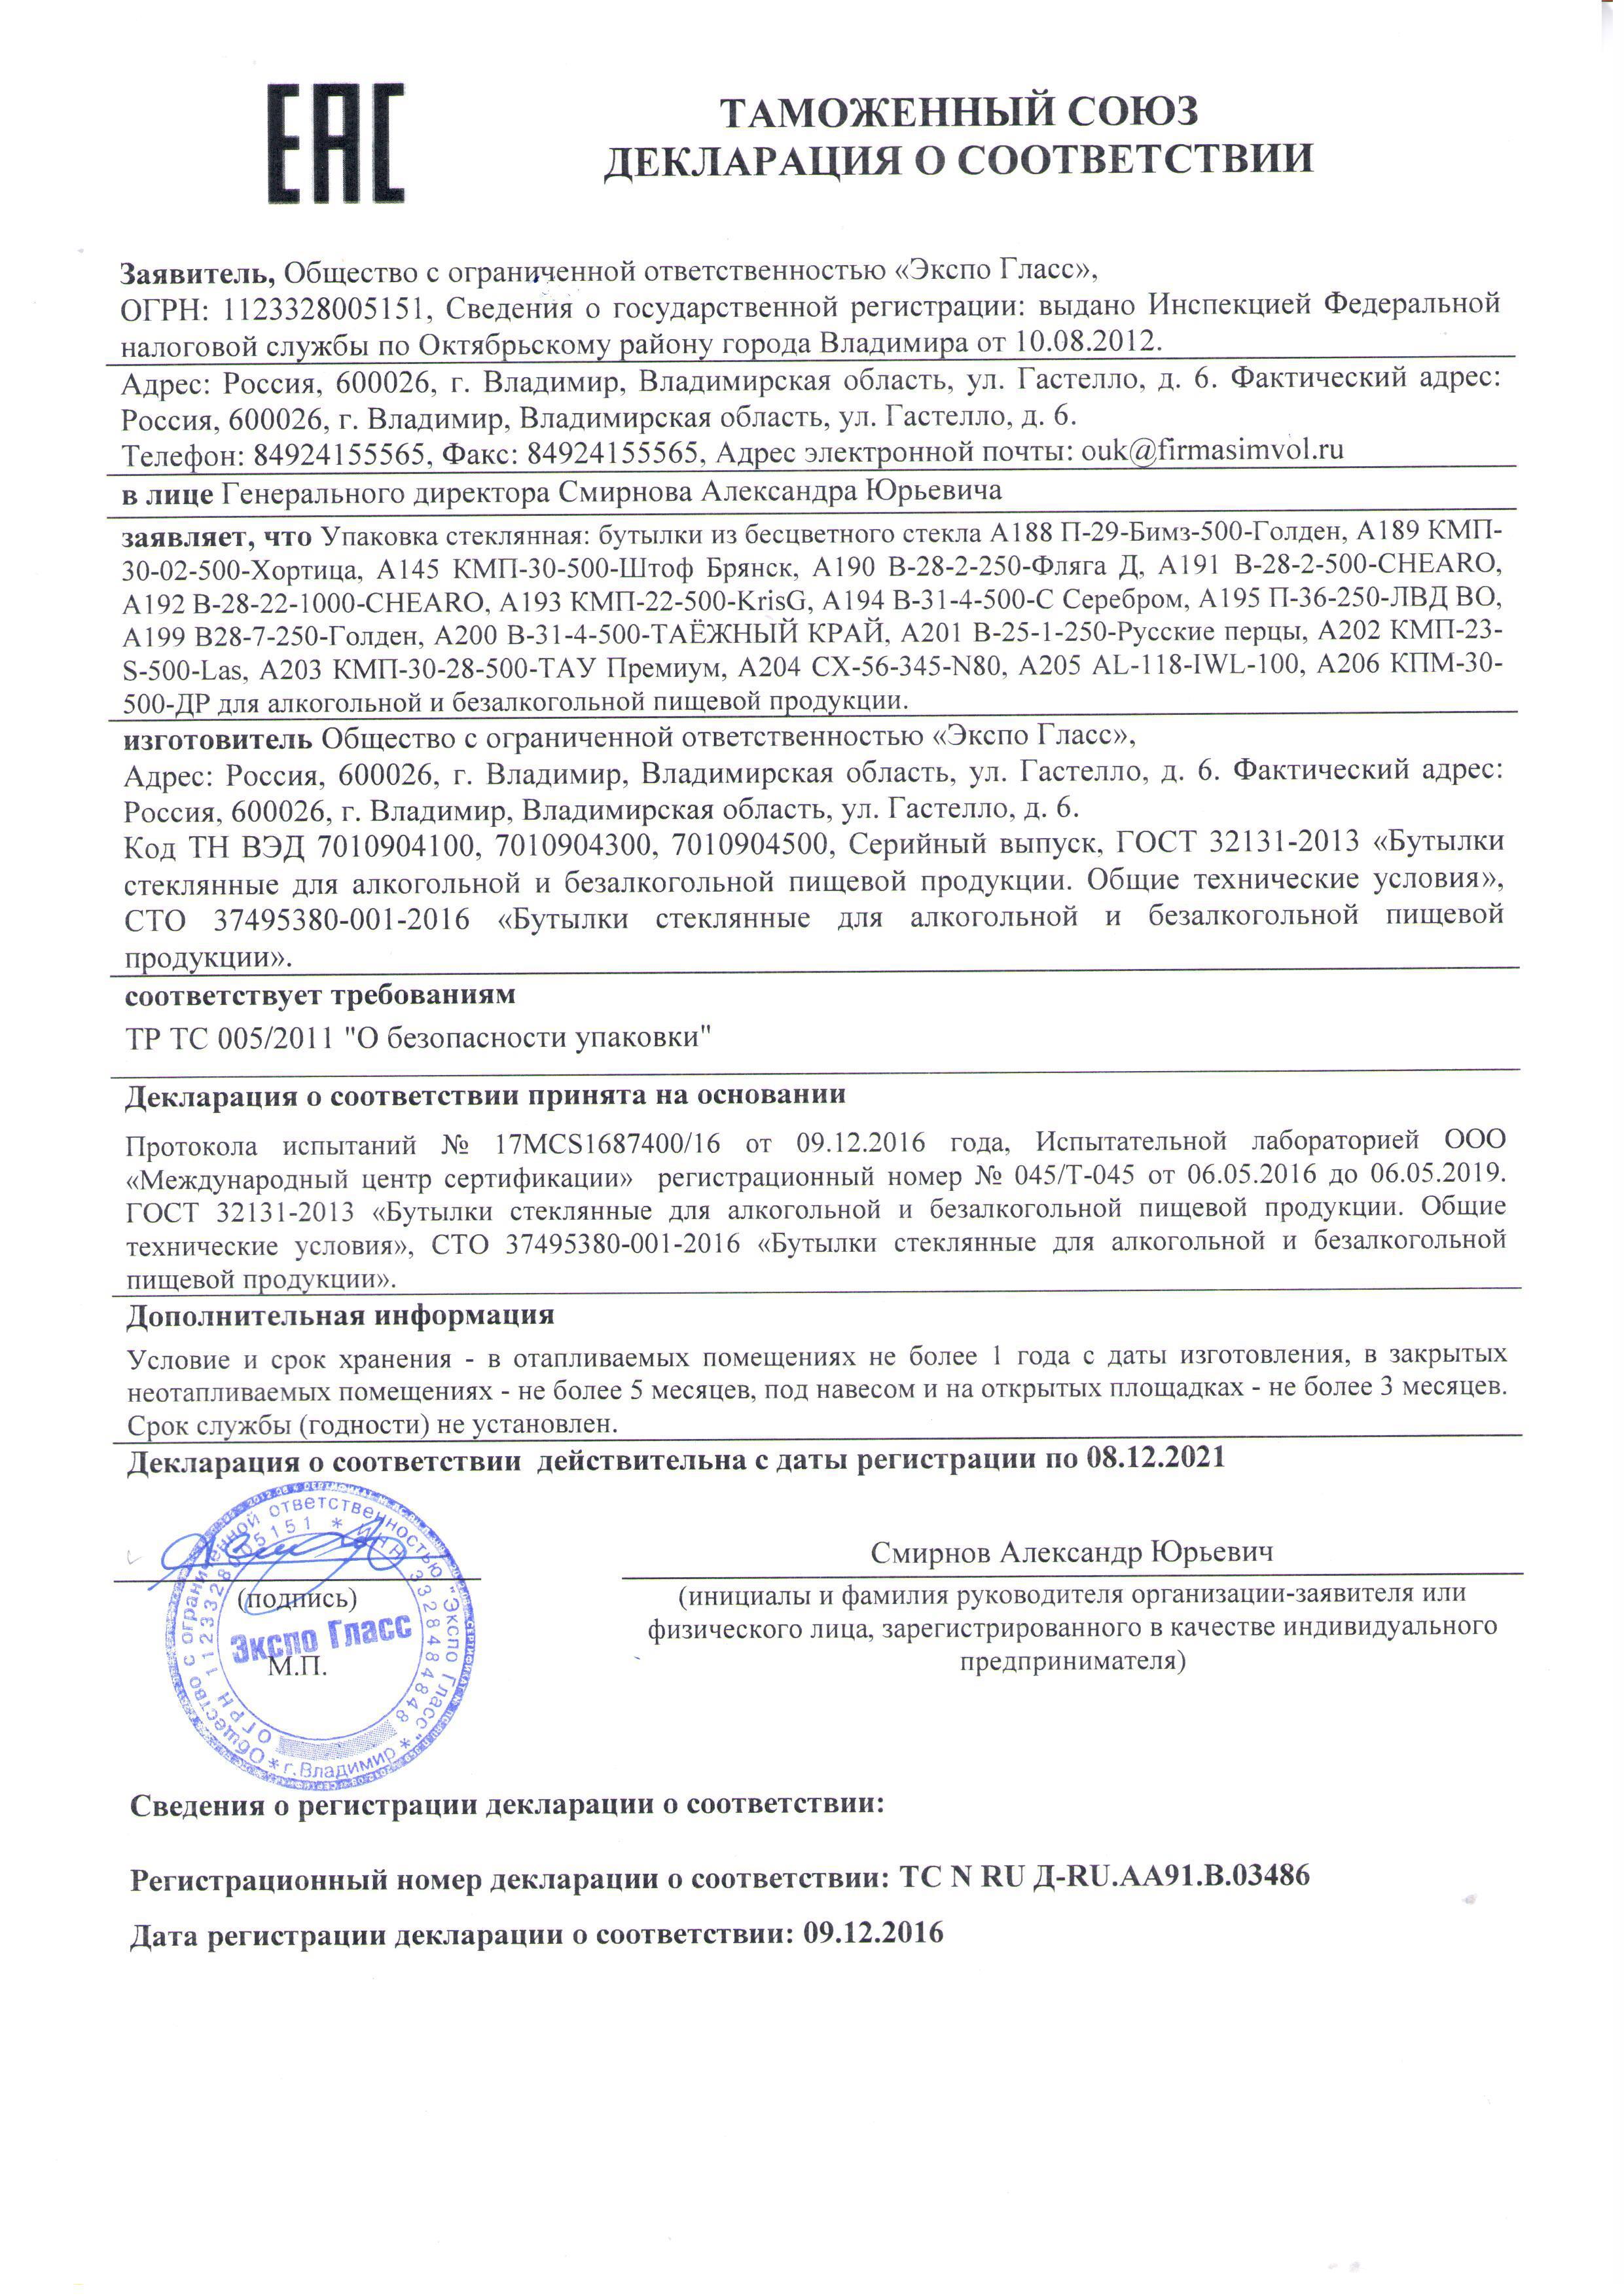 ТС № RU Д-RU АА91.В.03486